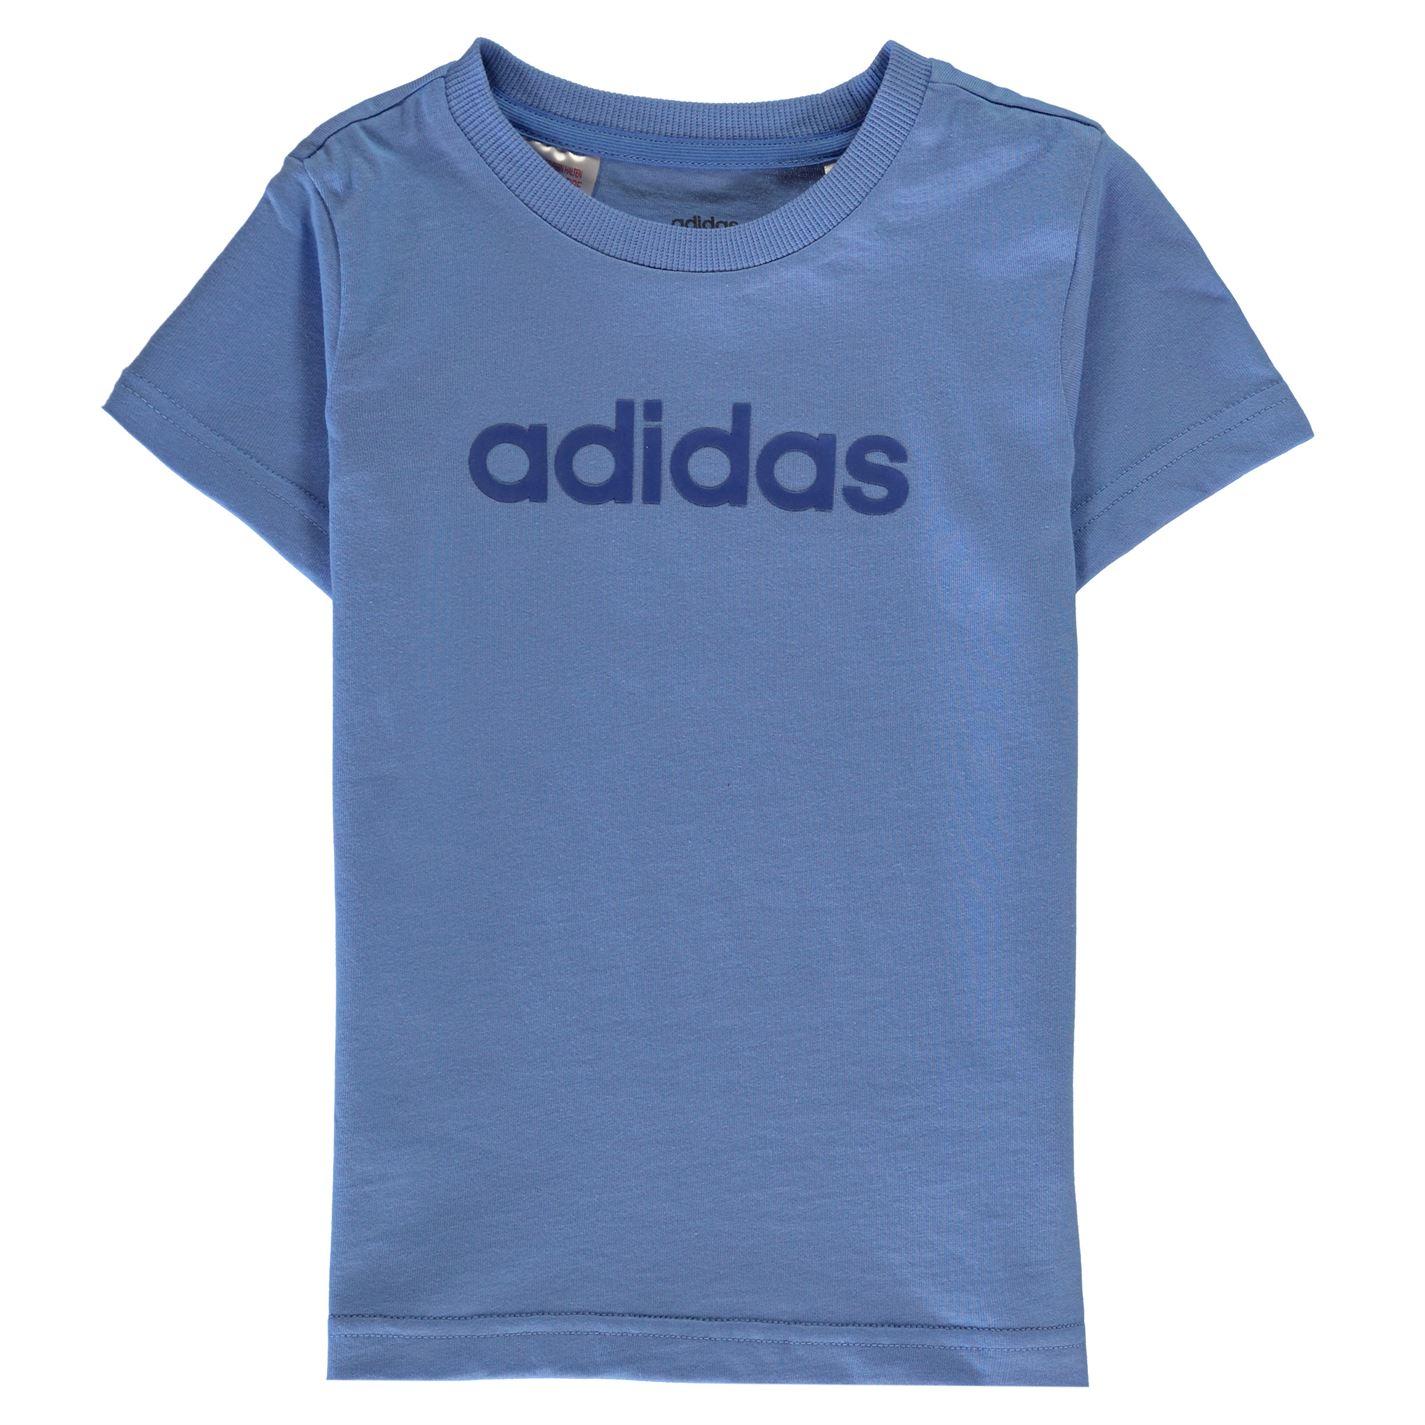 Adidas Linear T Shirt Junior Girls